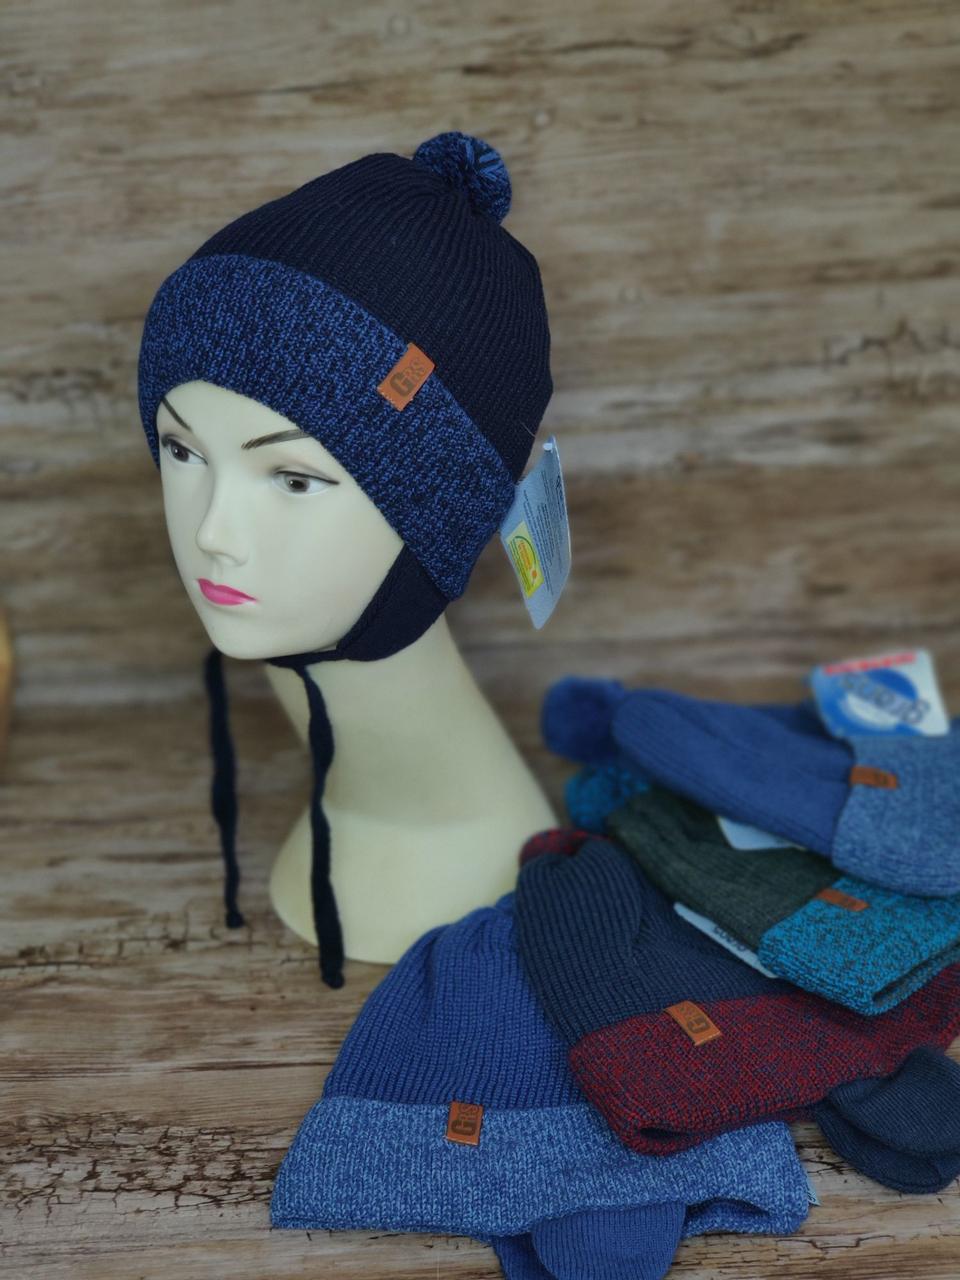 Демисезонная шапка для мальчика с заворотом на хлопковый подложке Размер 48-50 см Возраст 2-4 года